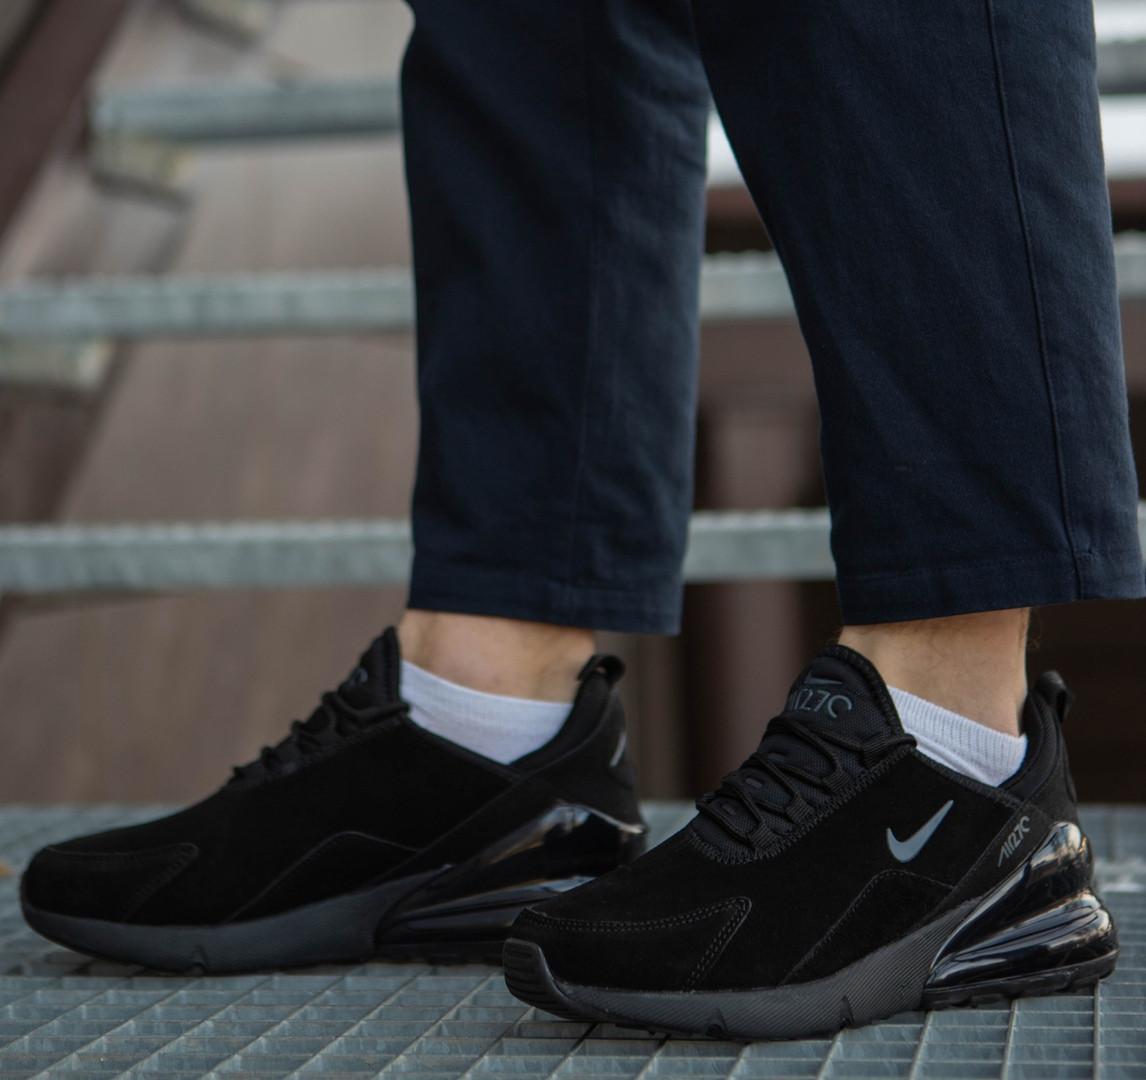 3d08c5e5 Мужские кроссовки Nike Air Max 270 (2019) черные топ реплика - Интернет -магазин